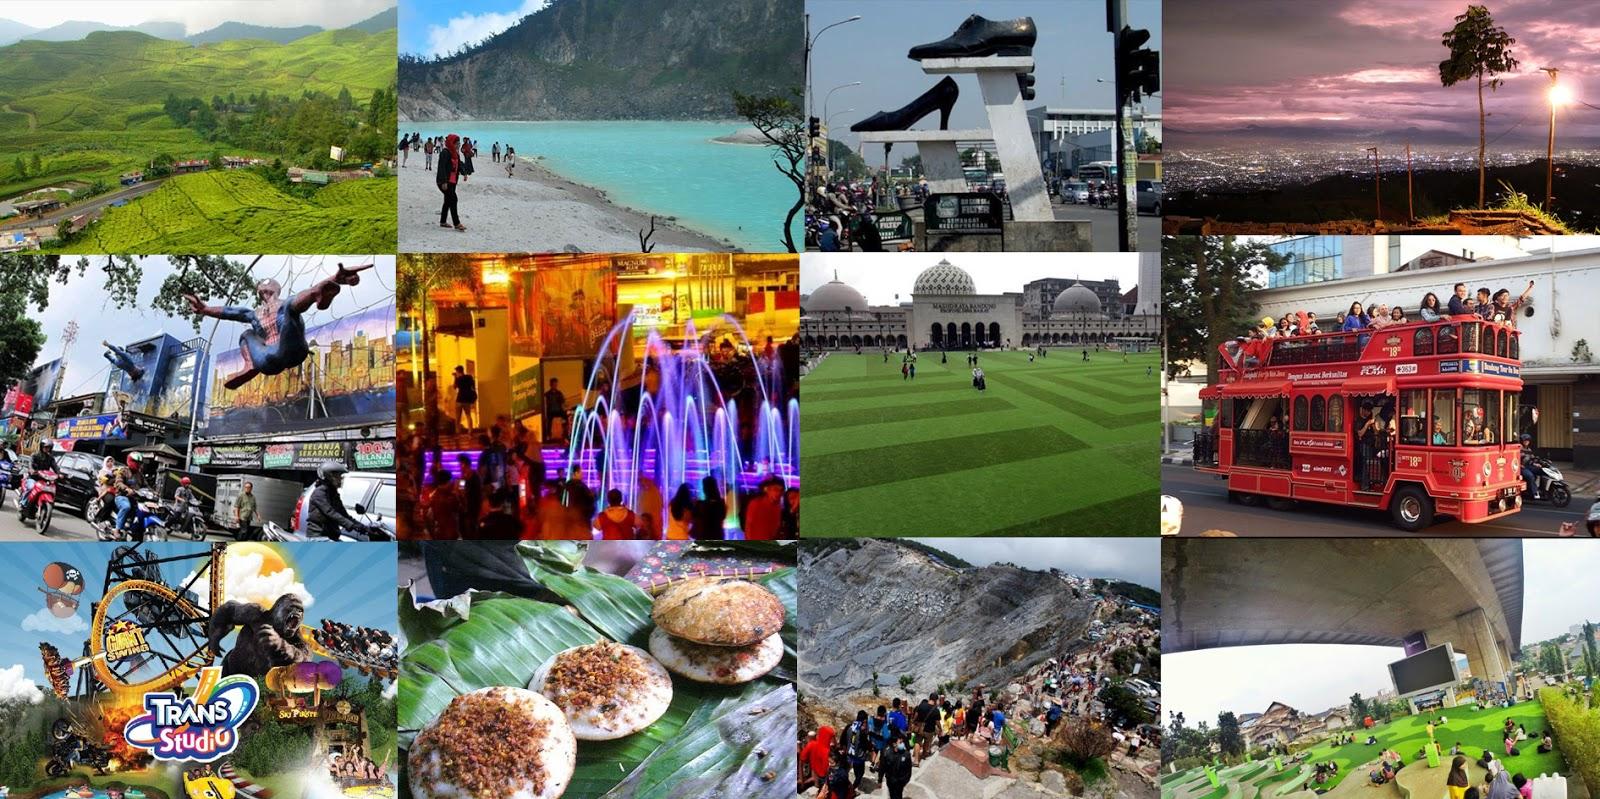 Inilah Daftar Tempat Wisata Favorit Di Bandung Saat Musim Liburan